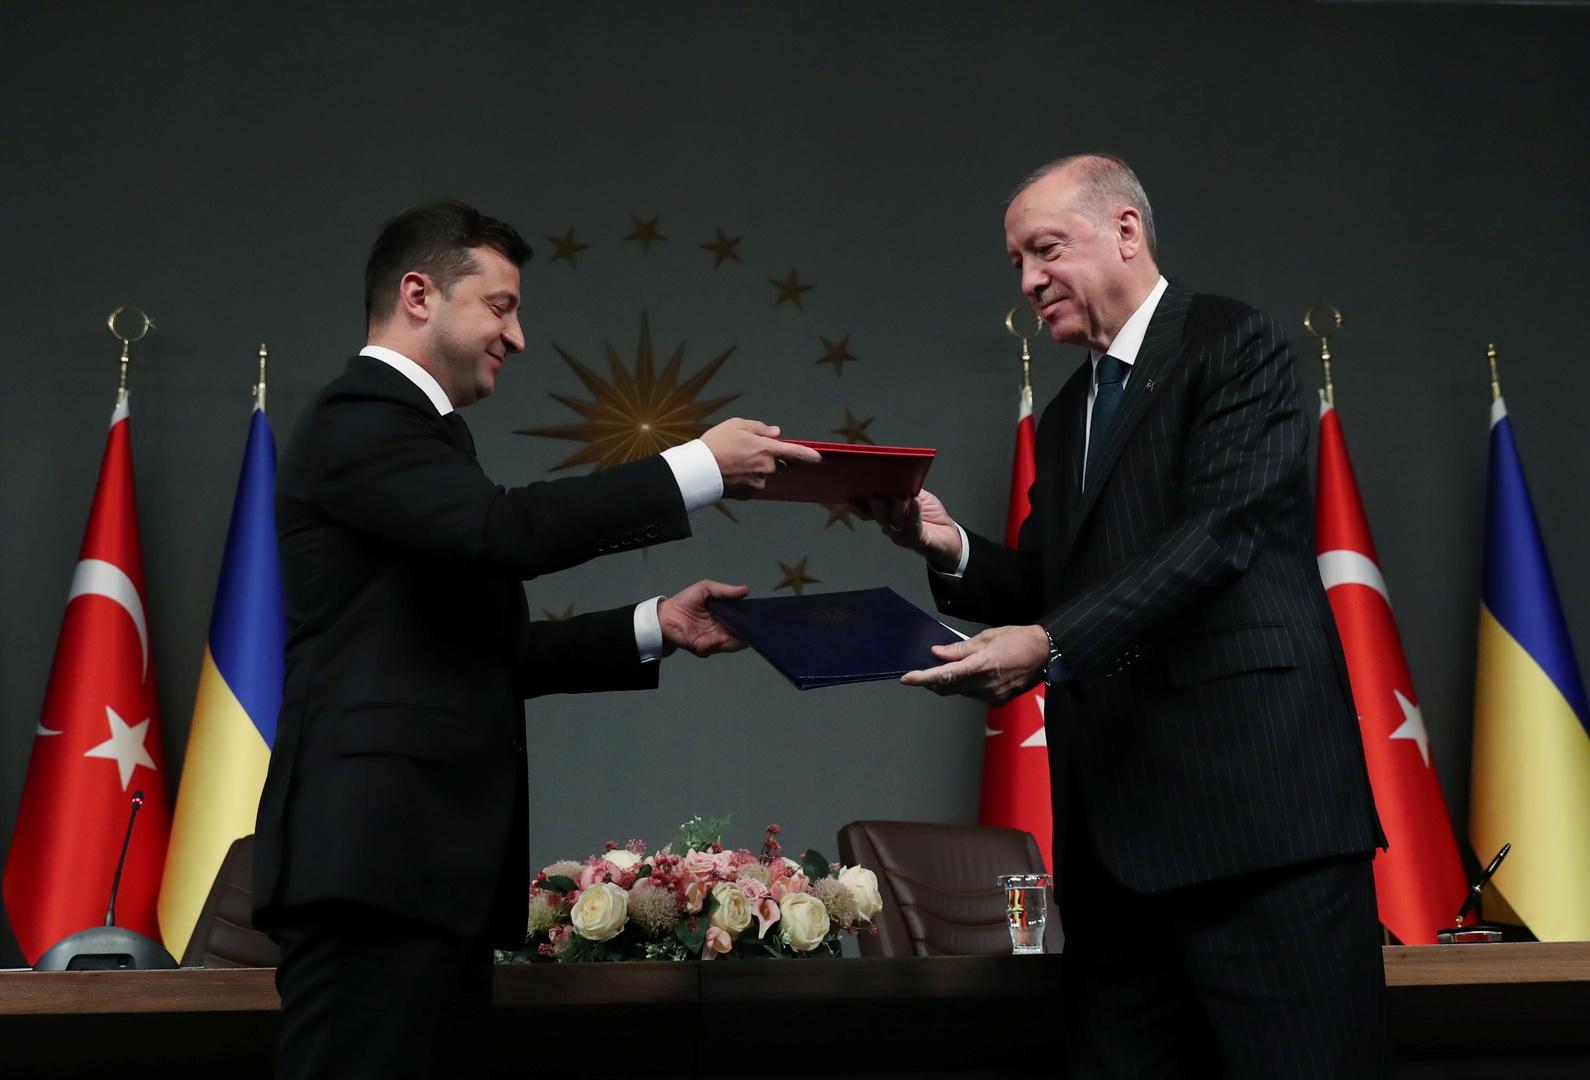 خبير تركي: التعاون العسكري بين أنقرة وكييف لن يؤثر سلبا على العلاقات التركية الروسية